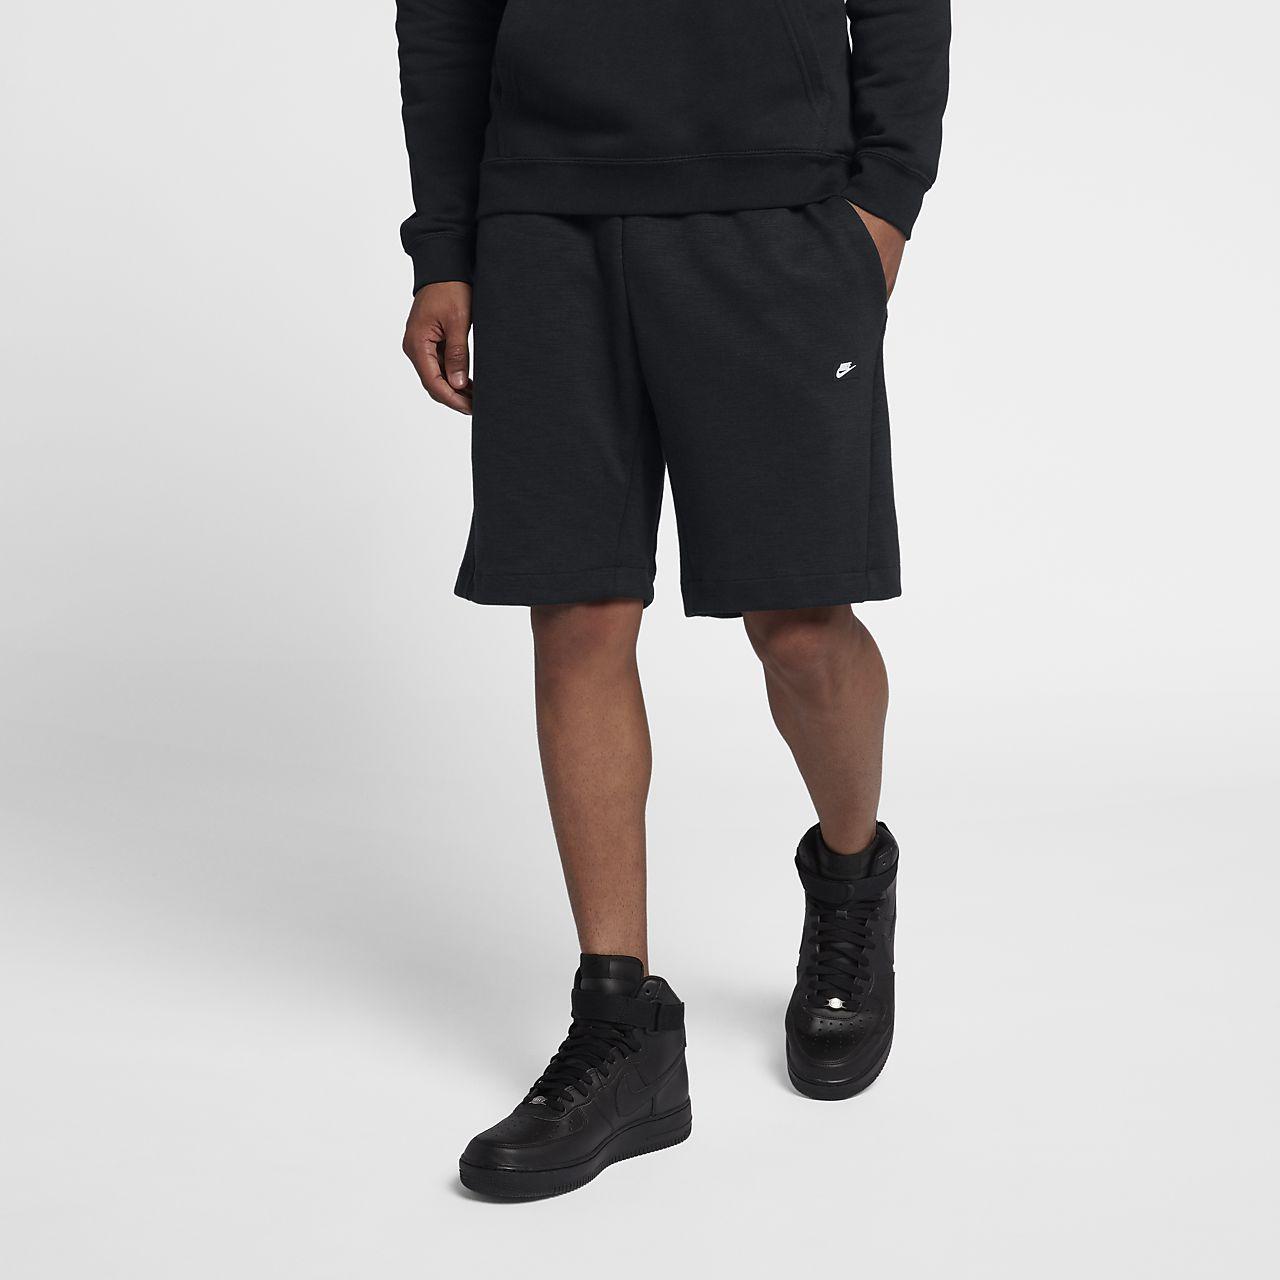 b1cb7639e Nike Sportswear Optic Men s Shorts. Nike.com GB